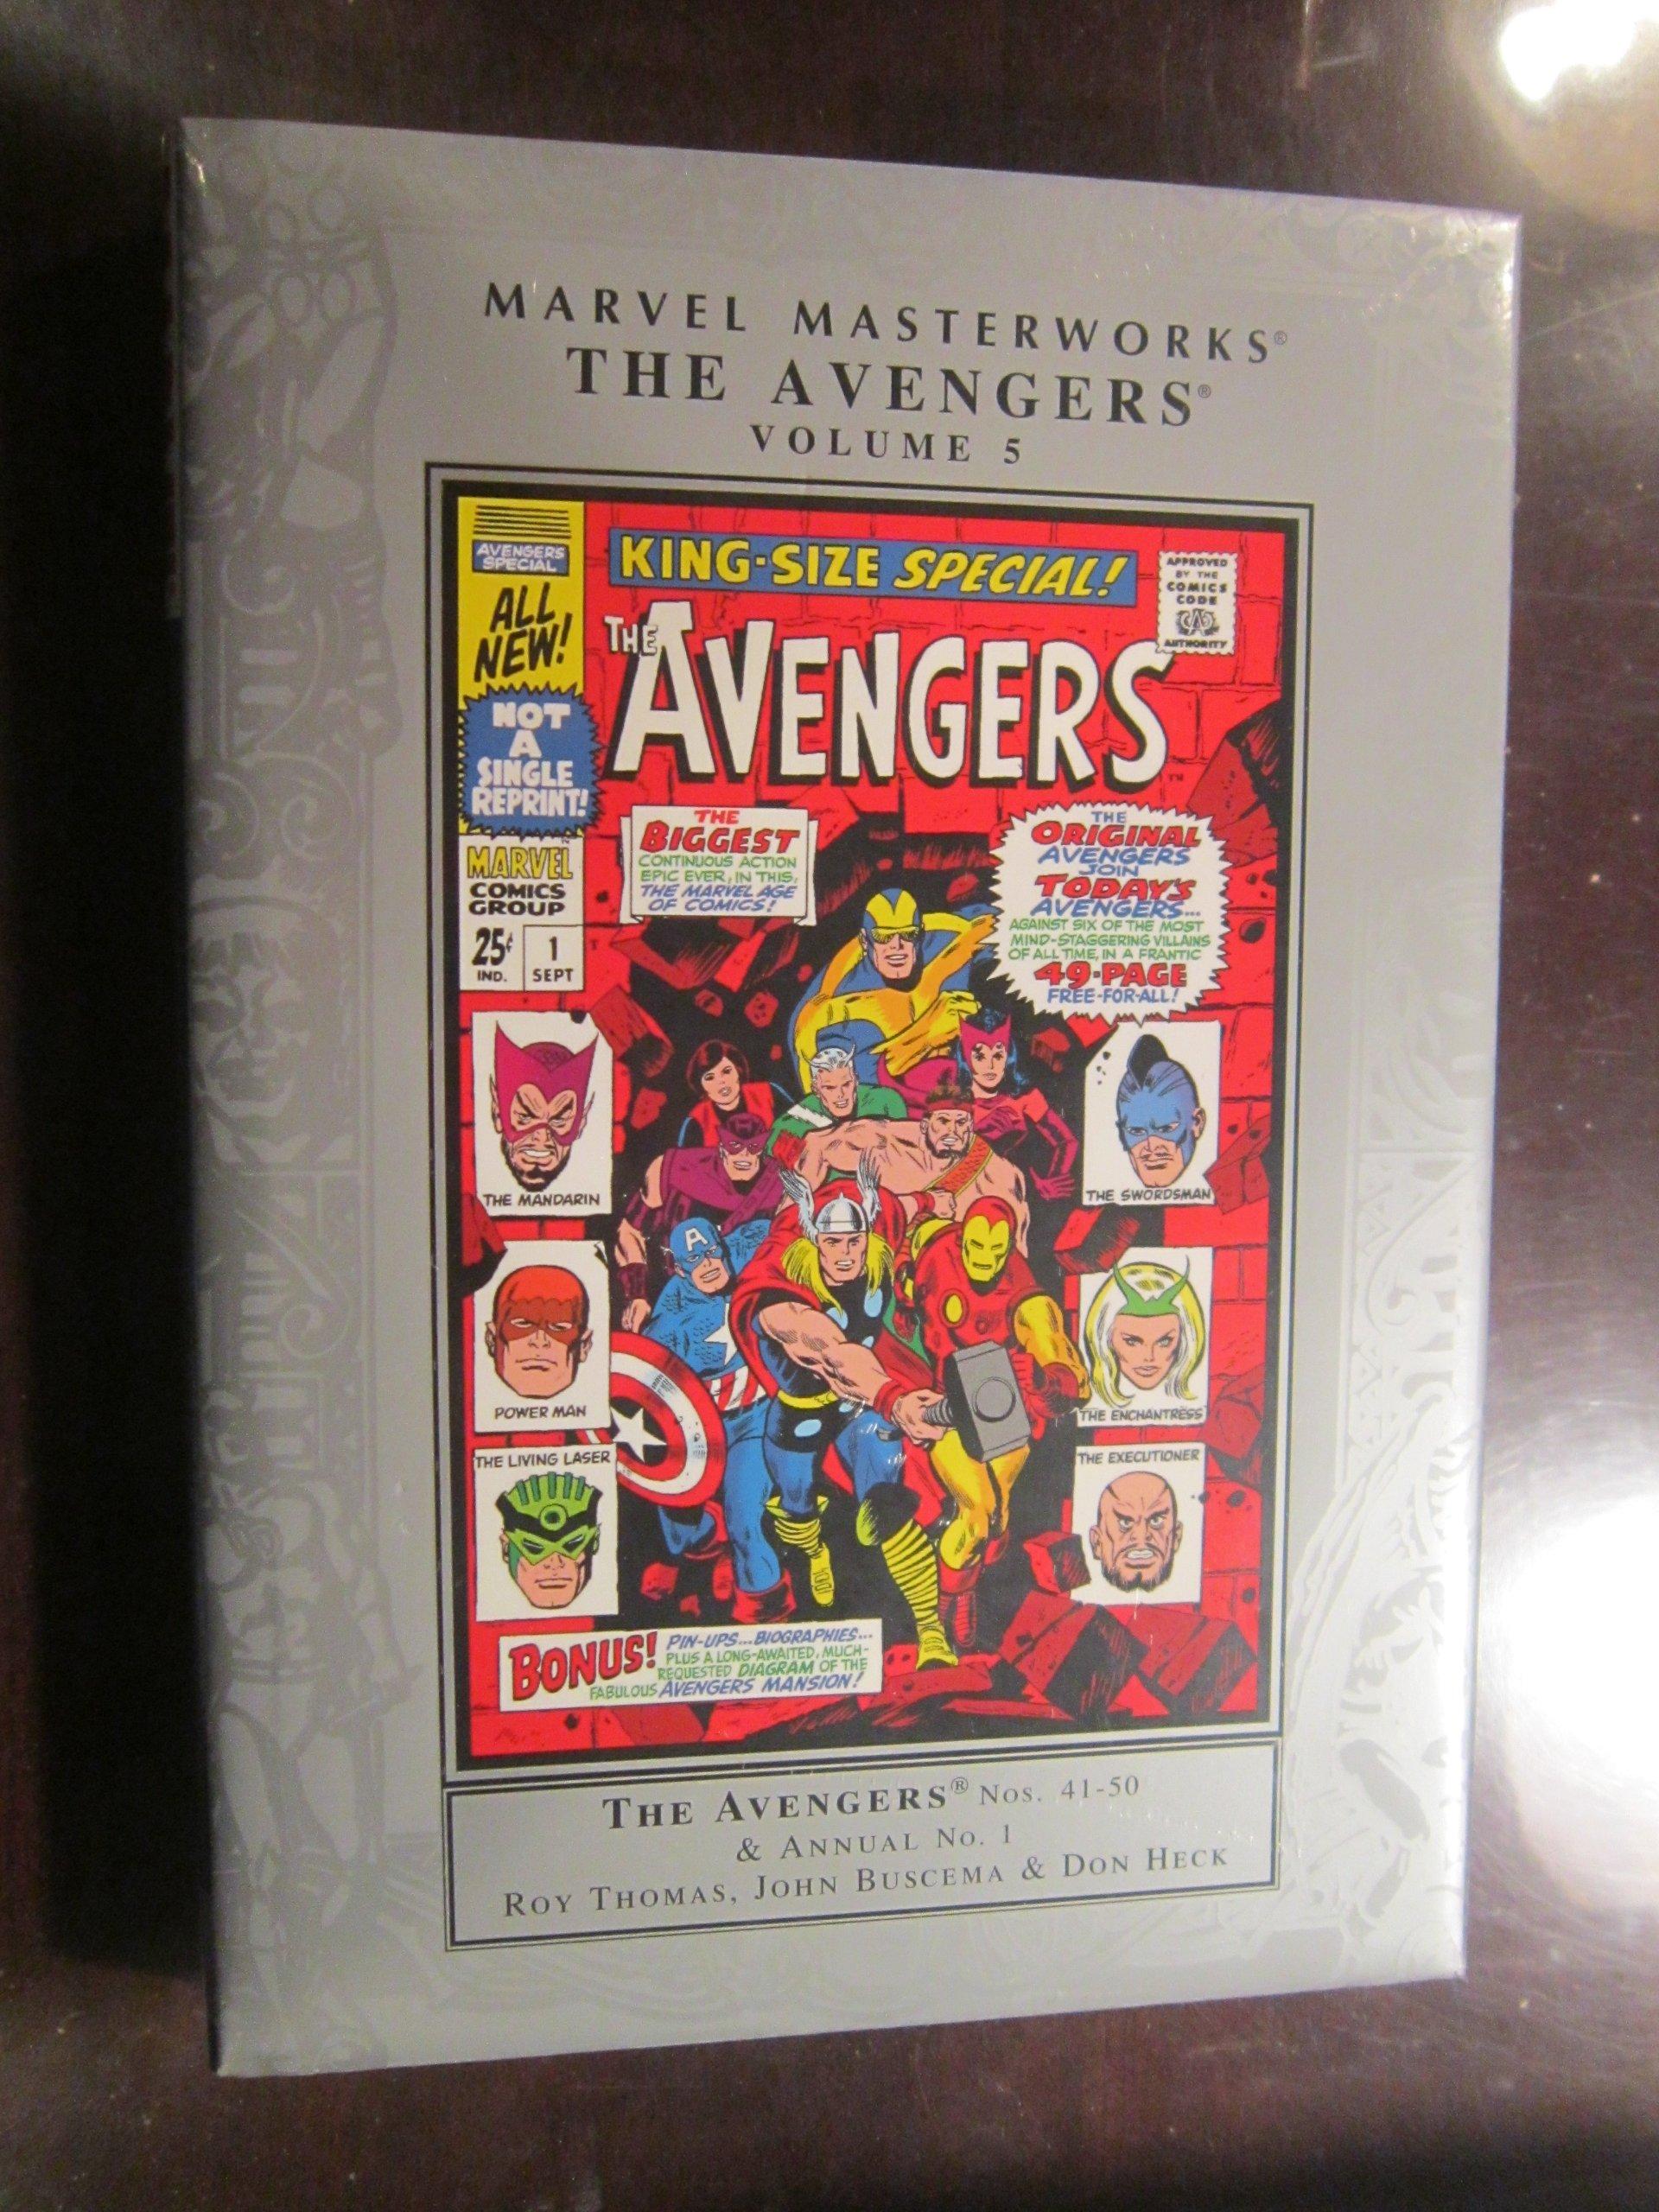 Marvel Masterworks: The Avengers Volume 5 ebook